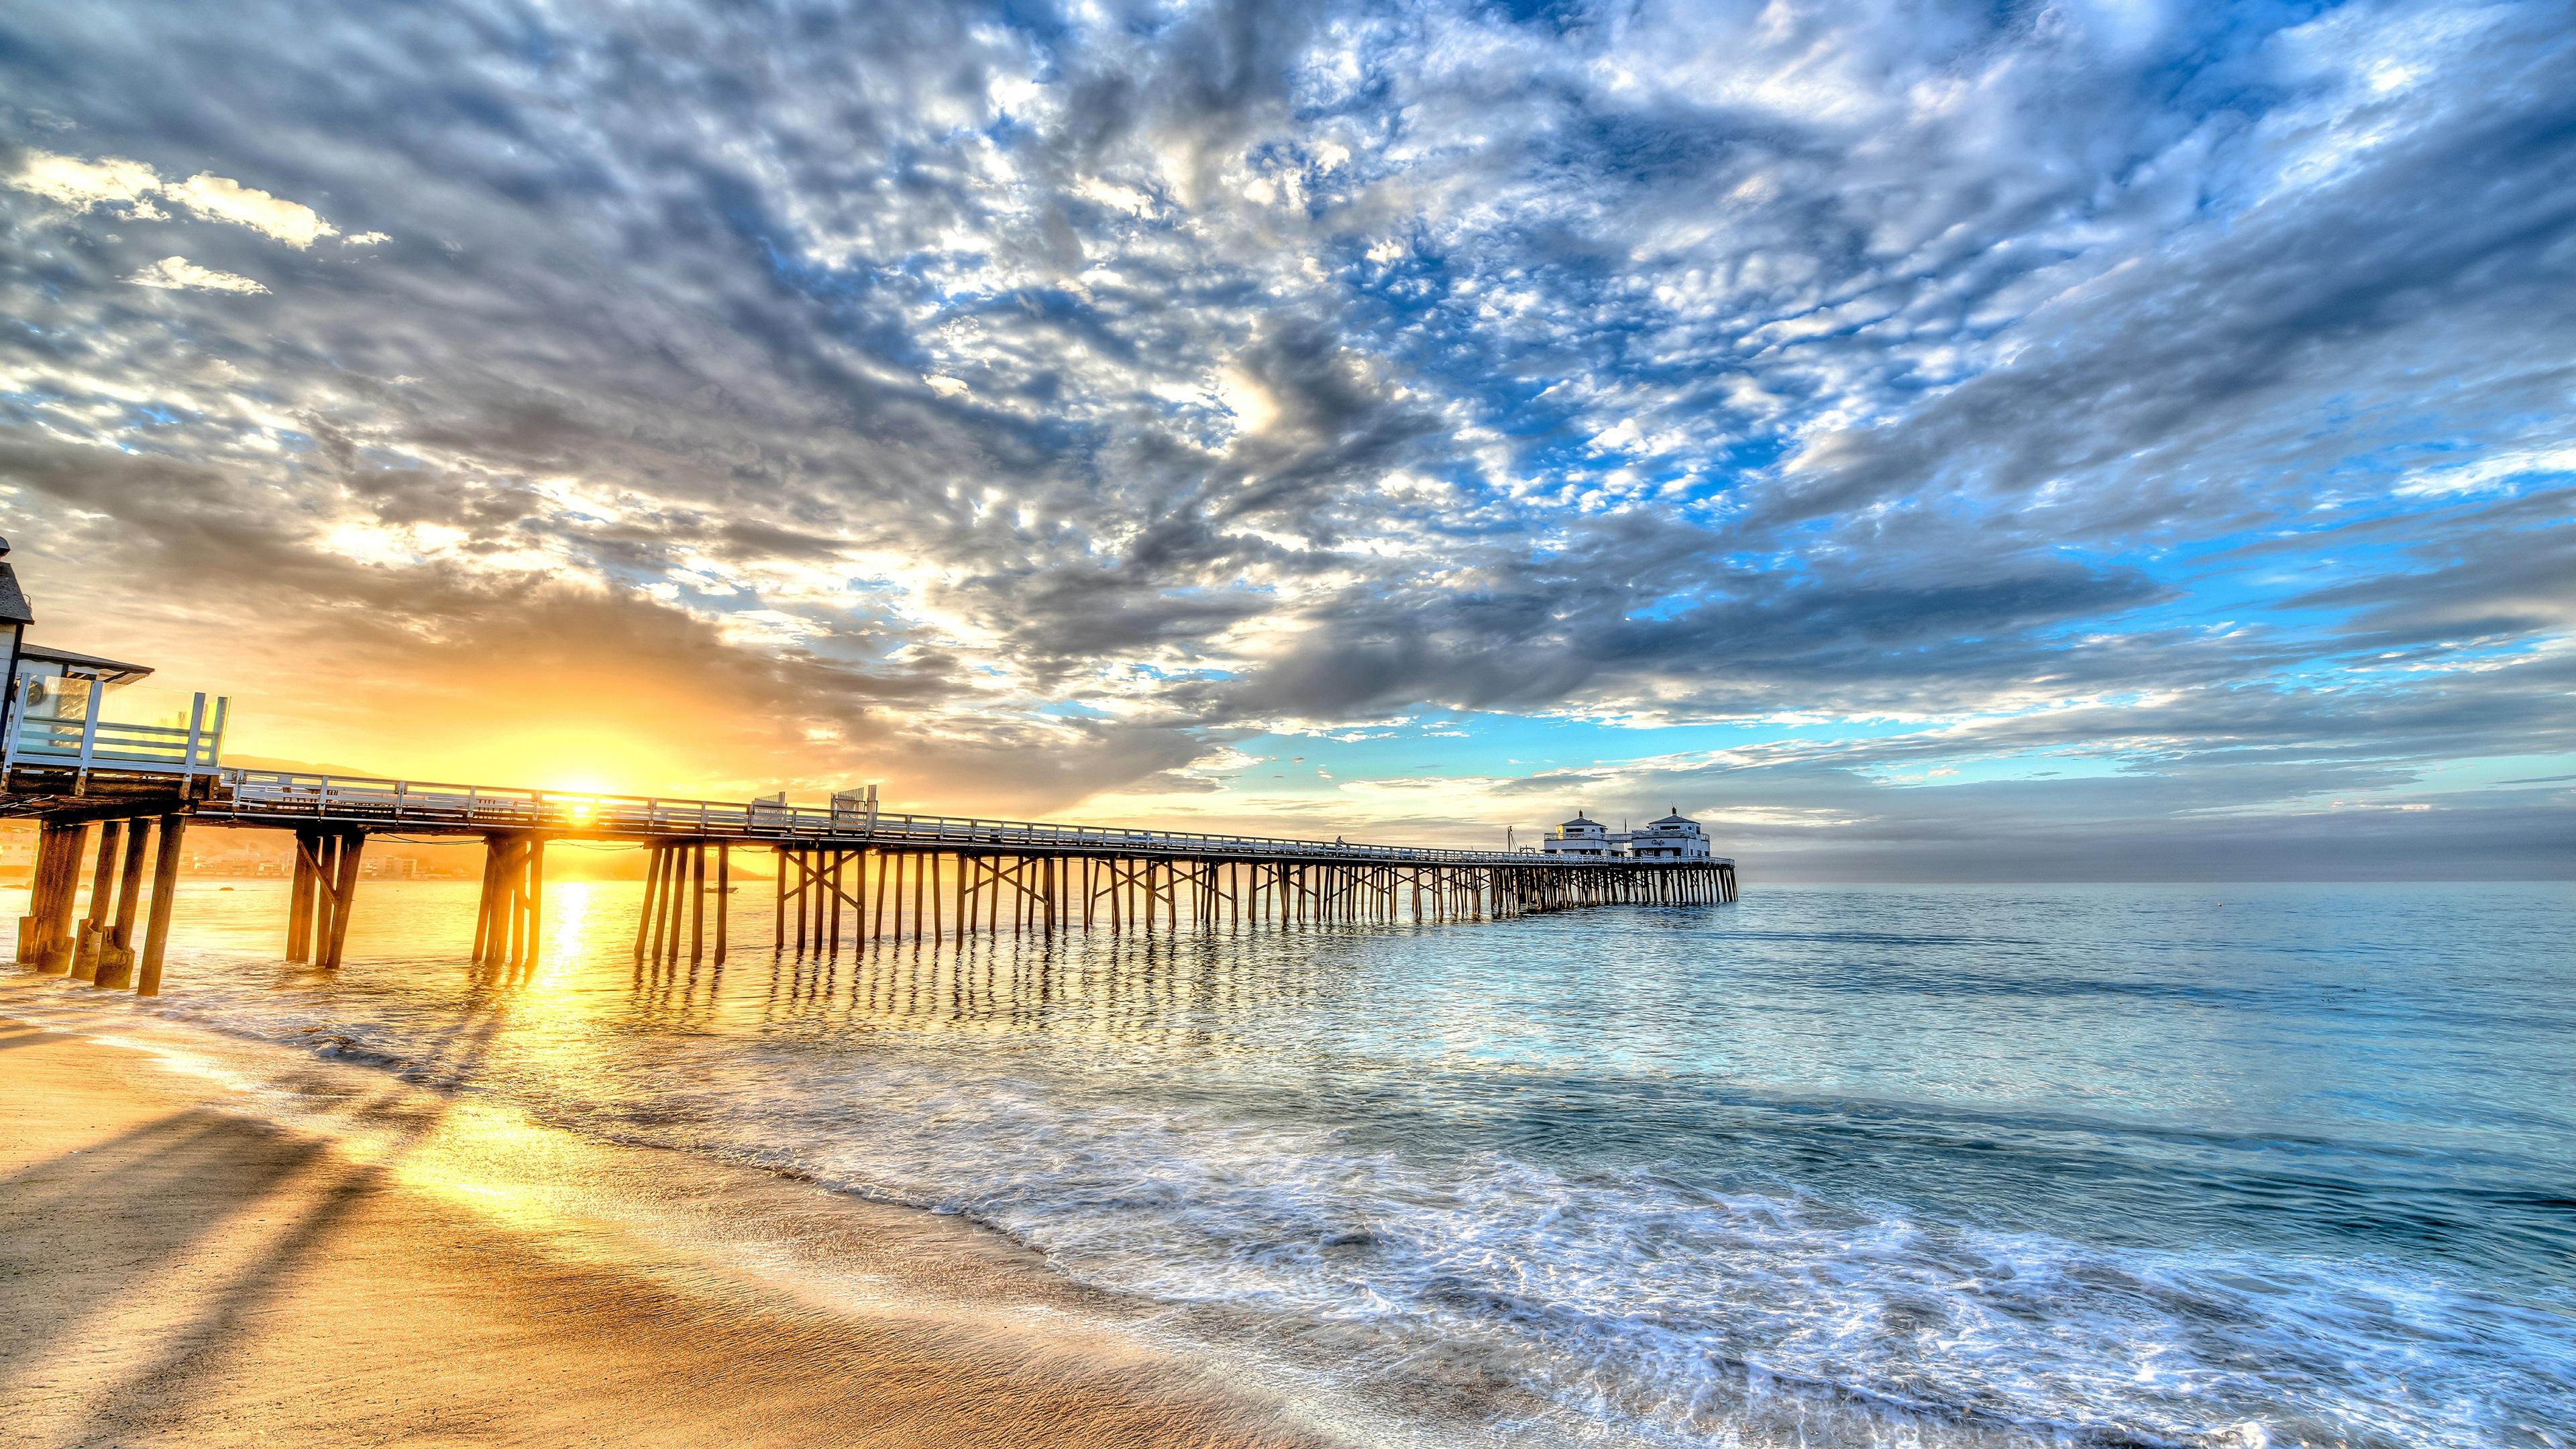 Strand, Küste, Meer, Brücke, Gebäude, Wolken, Sonnenuntergang ... Sea